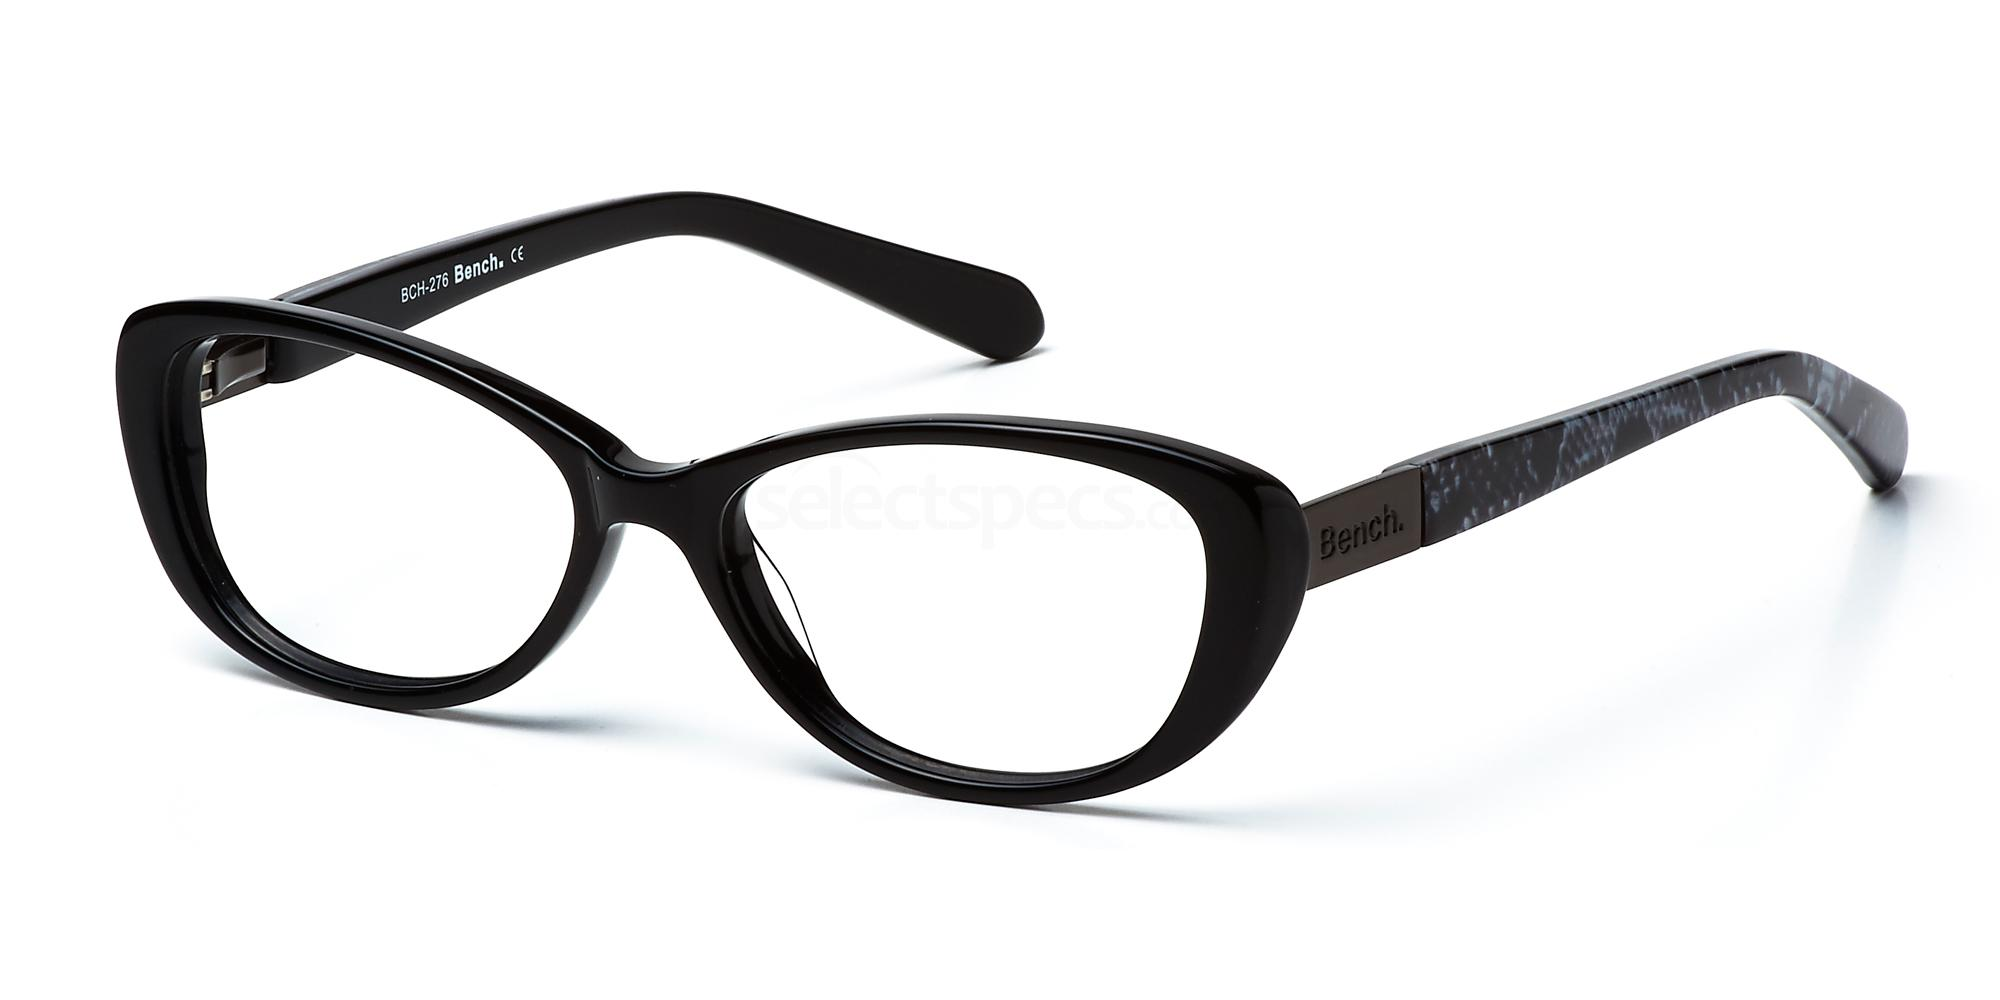 C1 BCH276 Glasses, Bench